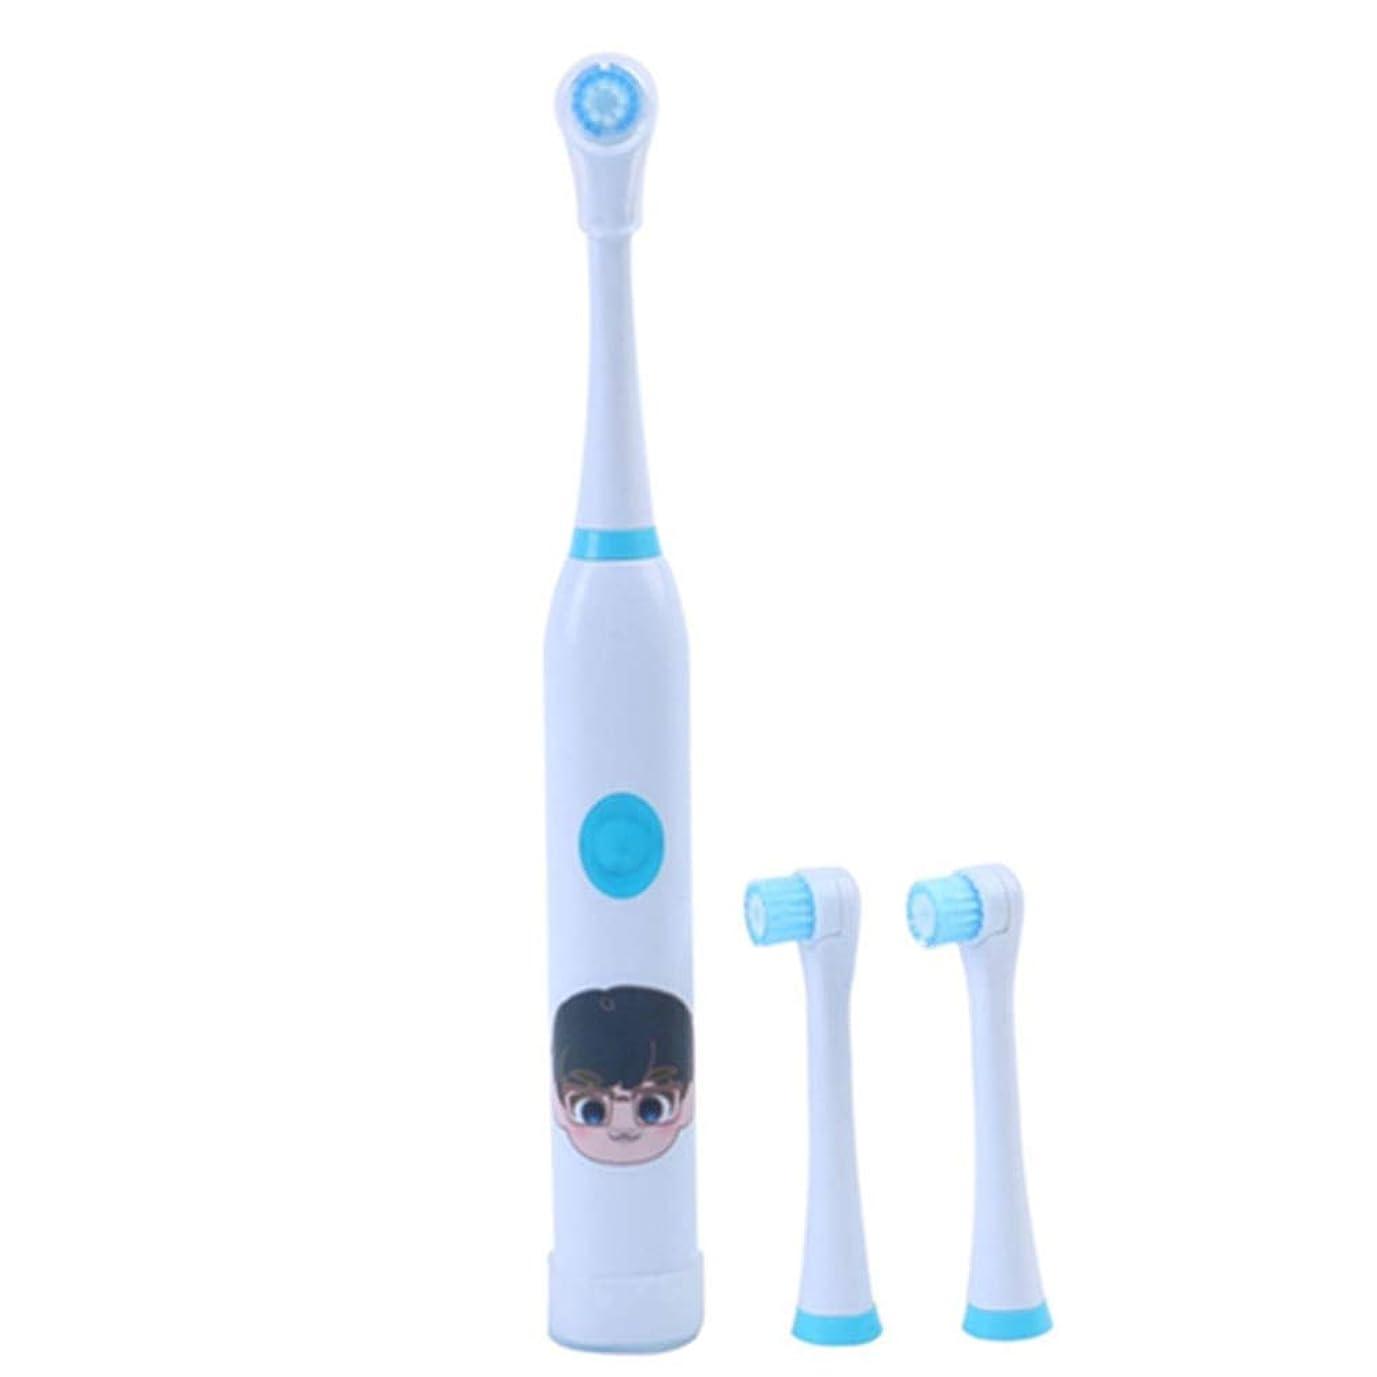 自分のために空中若者電動歯ブラシ 子供の電動歯ブラシUSB充電式ホワイトニング歯ブラシ歯科医推奨 ケアー プロテクトクリーン (色 : 青, サイズ : Free size)